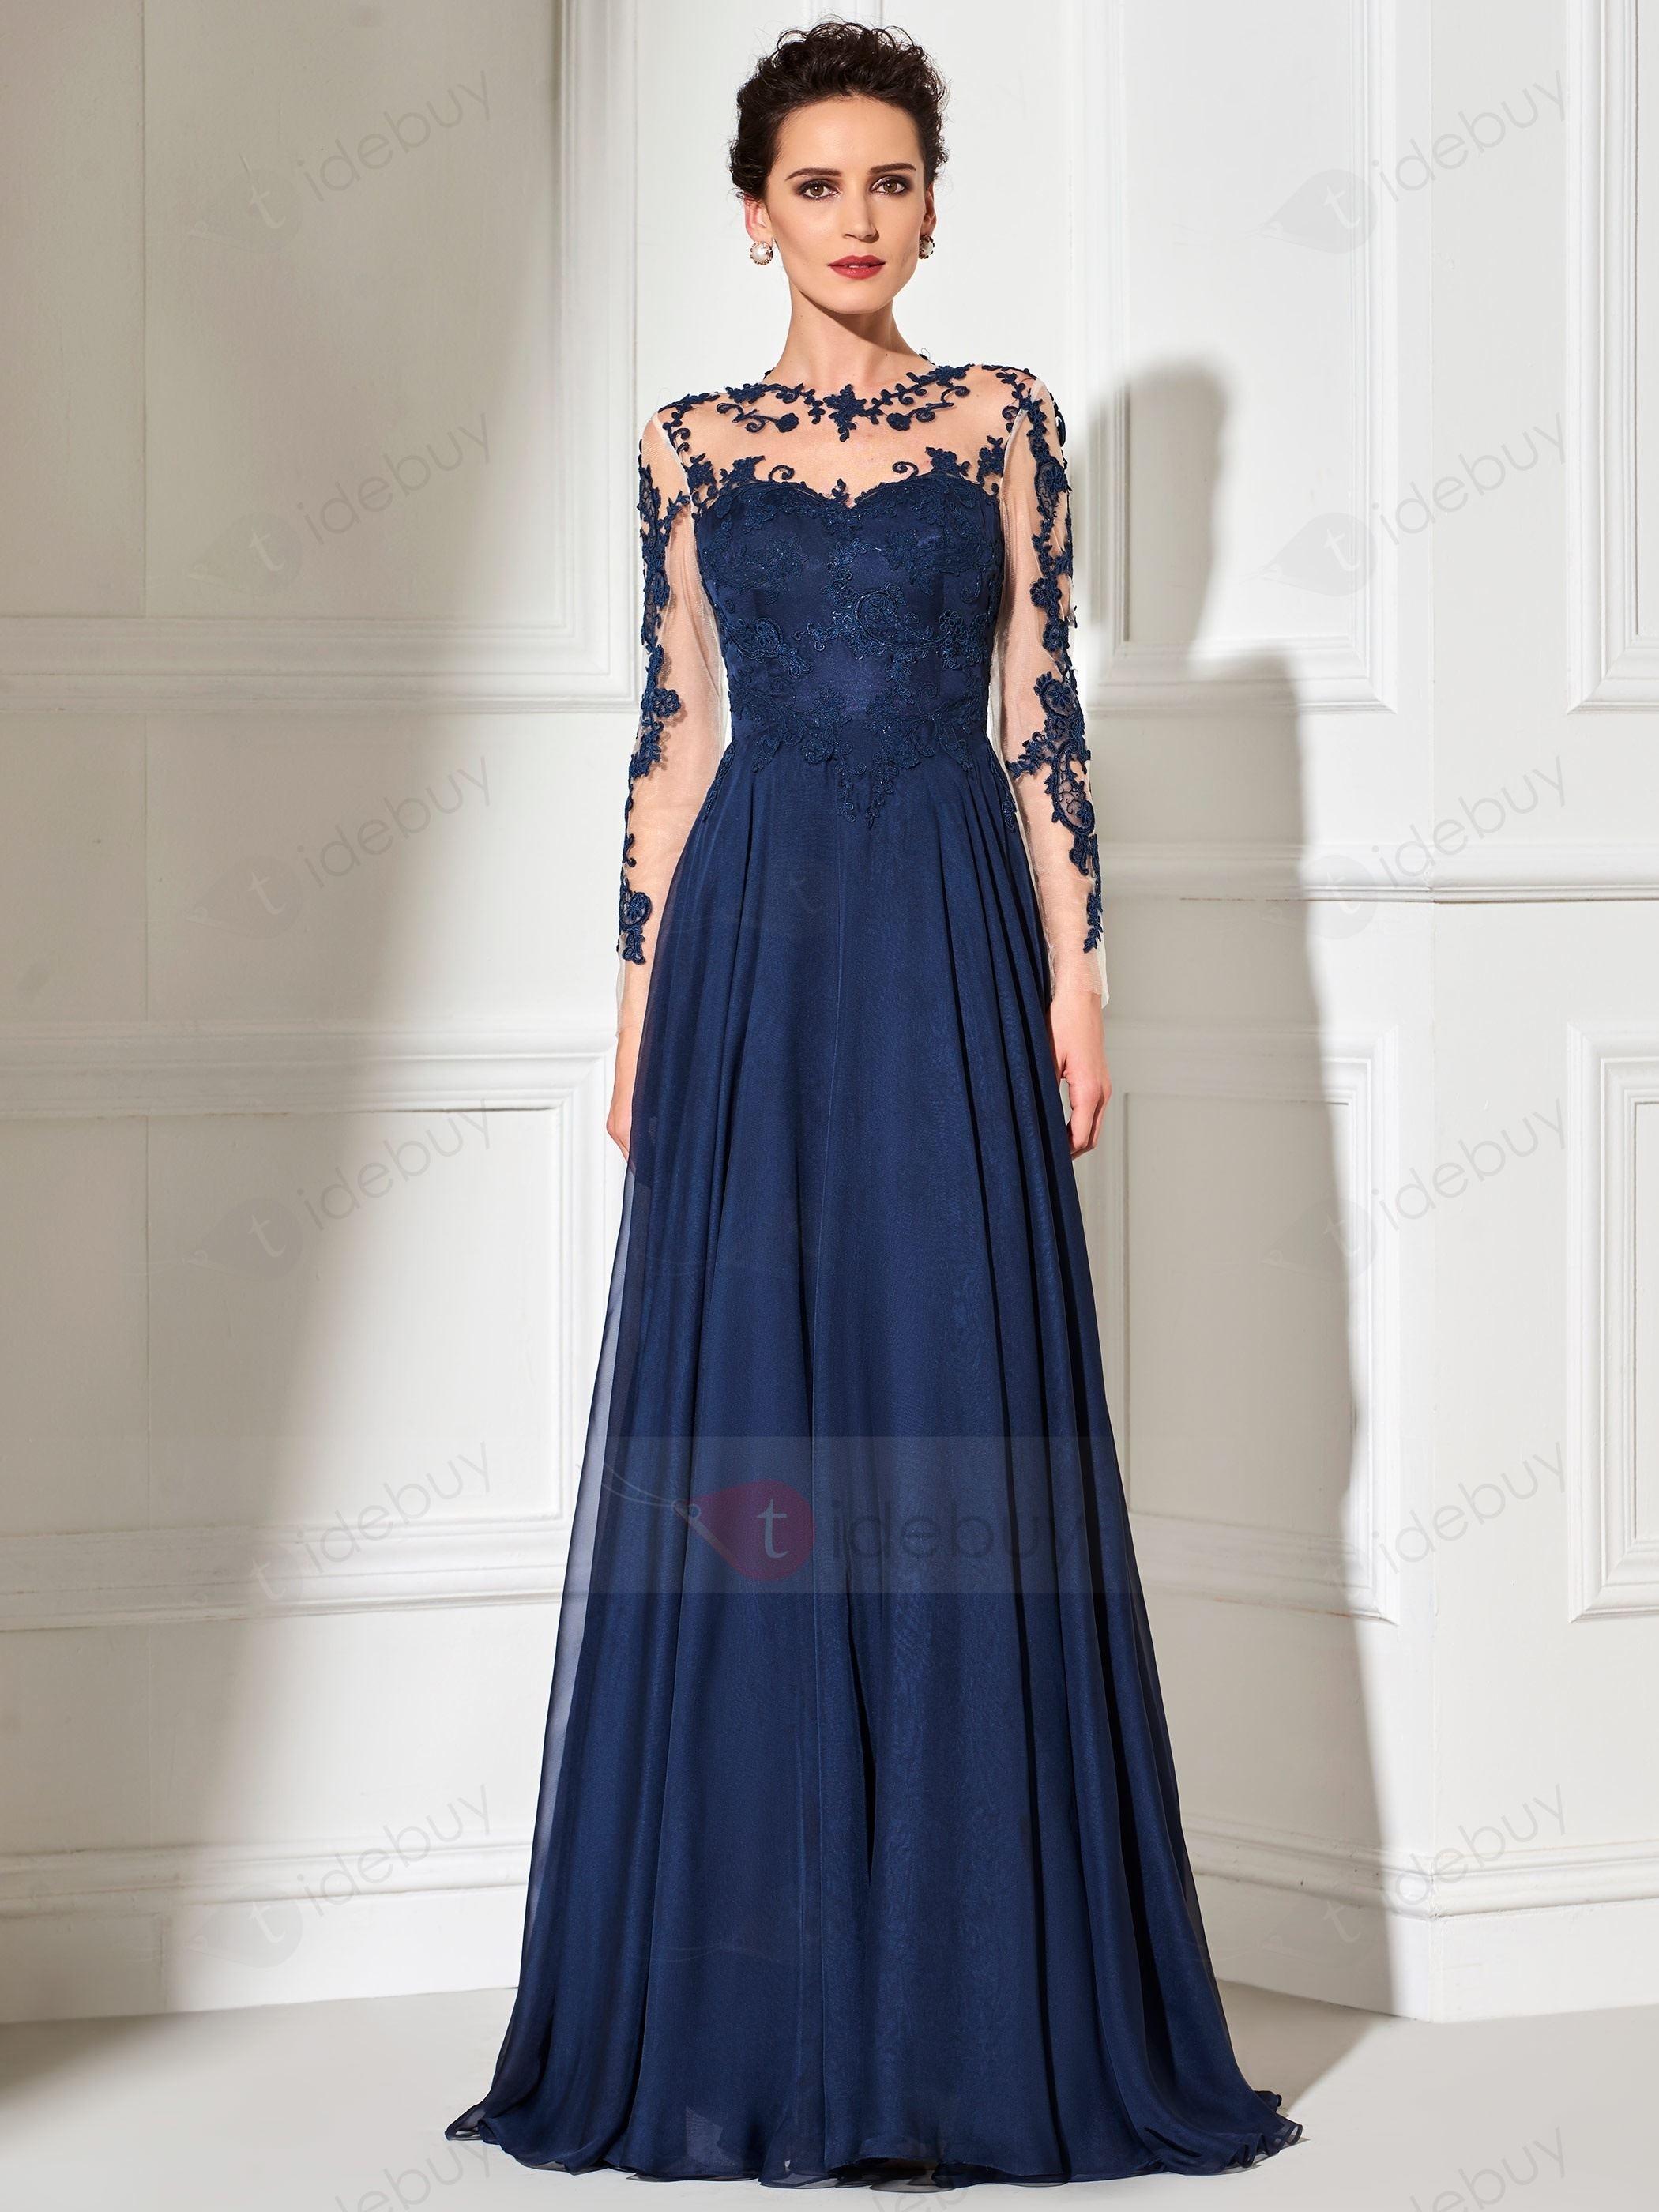 8 Genial Schöne Abendkleider Lang Galerie - Abendkleid